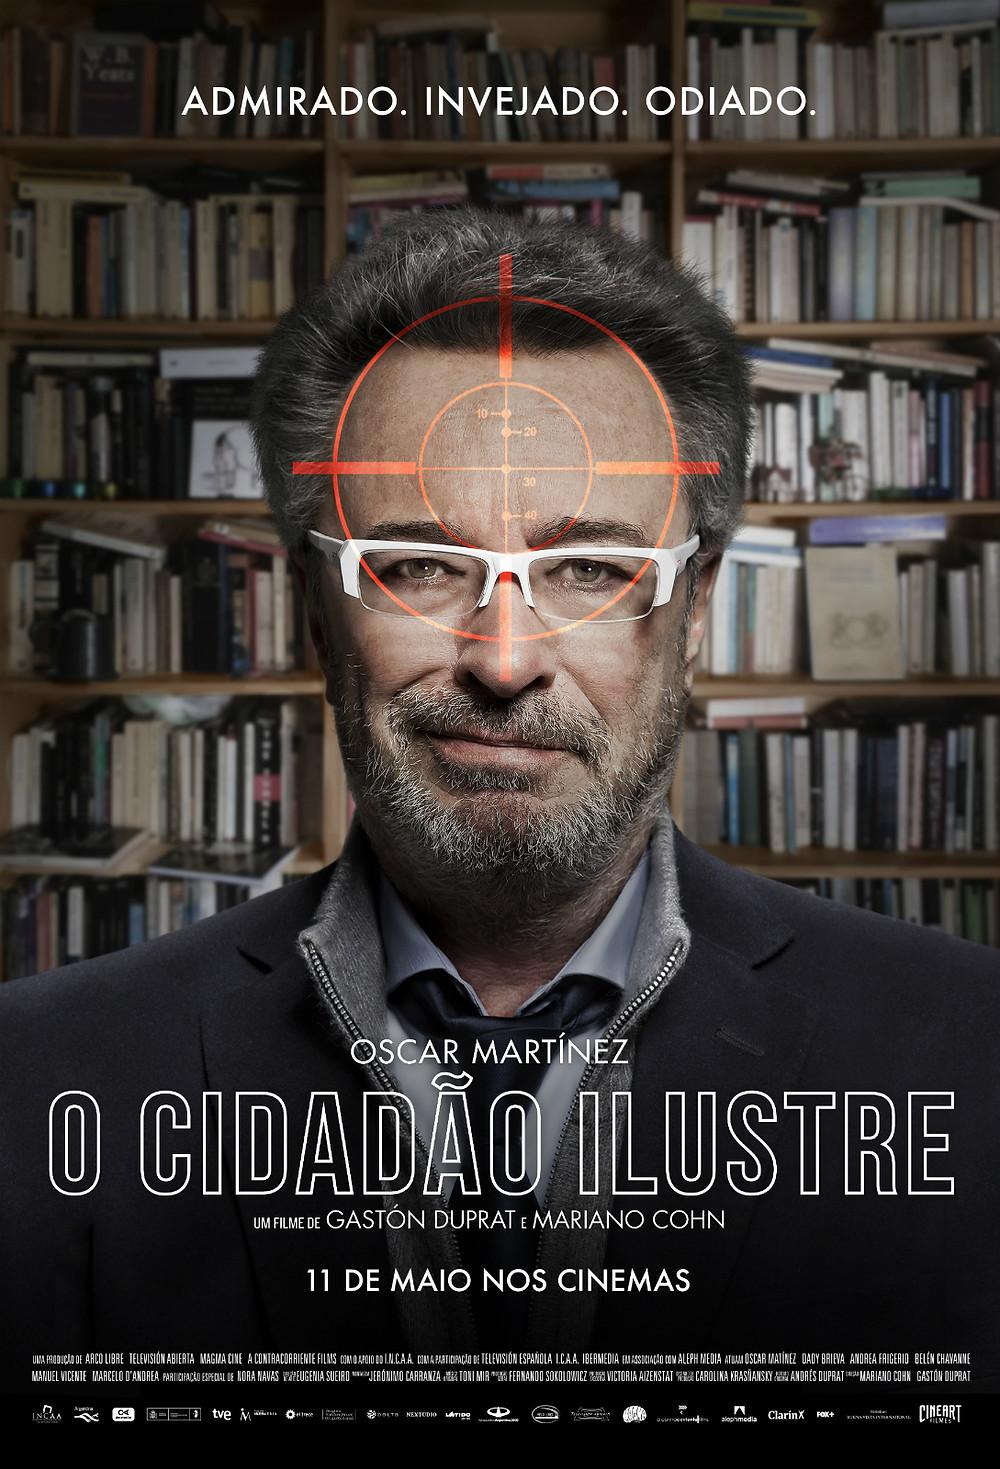 O Cidadão Ilustre (El Ciudadano Ilustre: 2016)